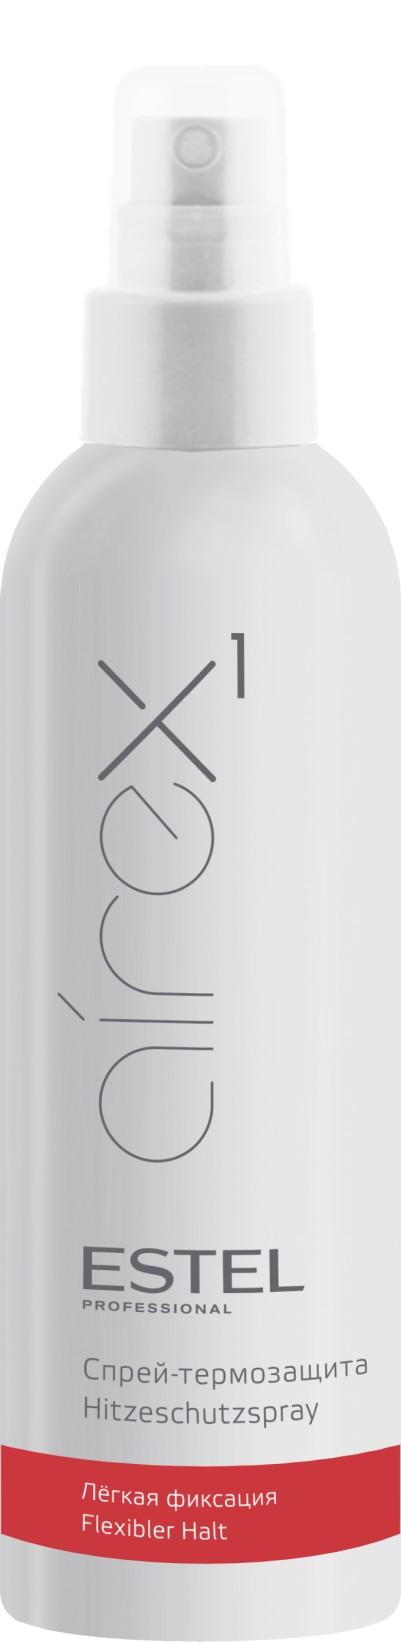 Купить ESTEL PROFESSIONAL Спрей-термозащита легкой фиксации / Airex 200 мл